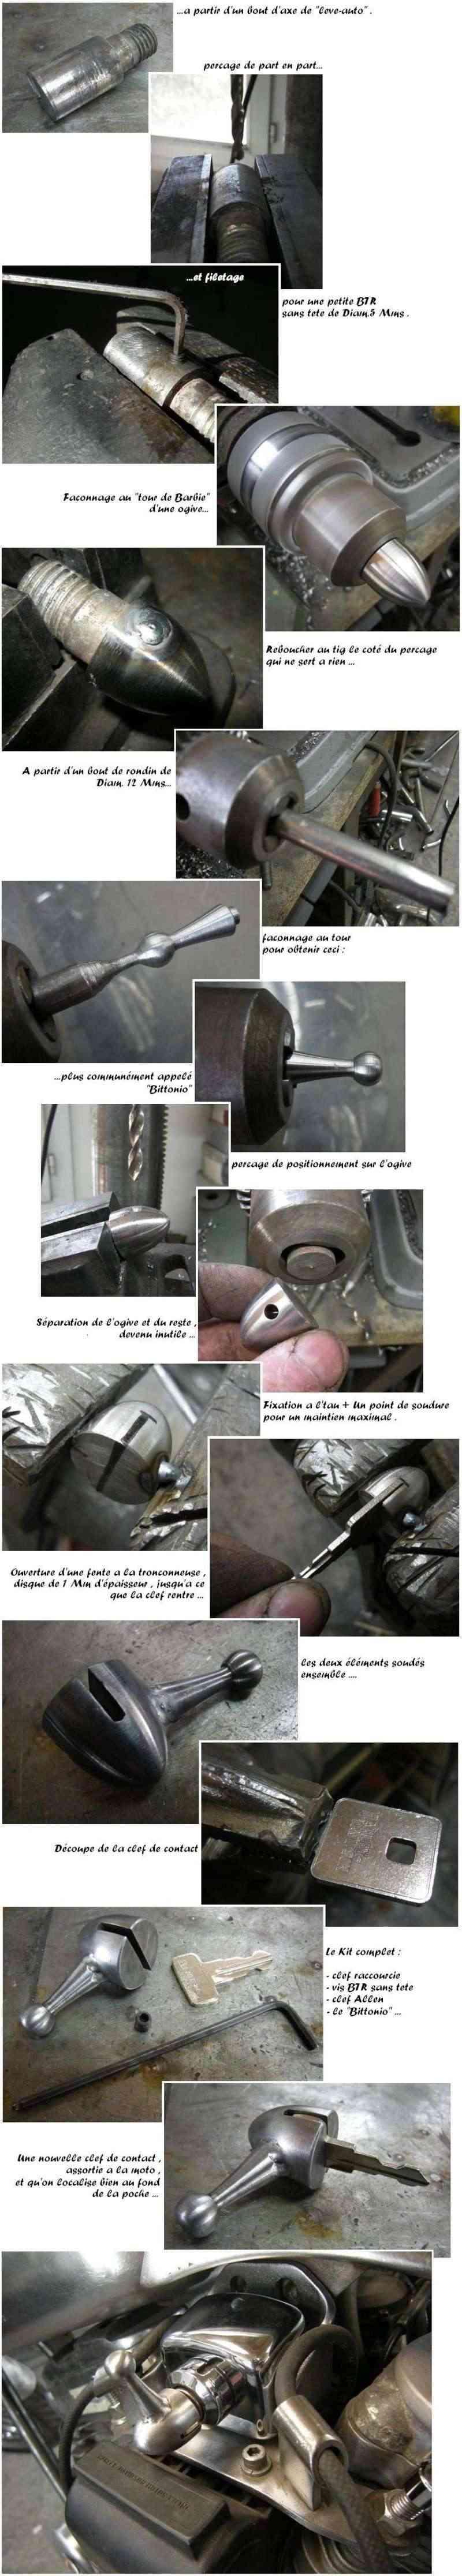 Cheap chop ou comment créer sa bécane pour les nuls ! - Page 2 Cheapc78